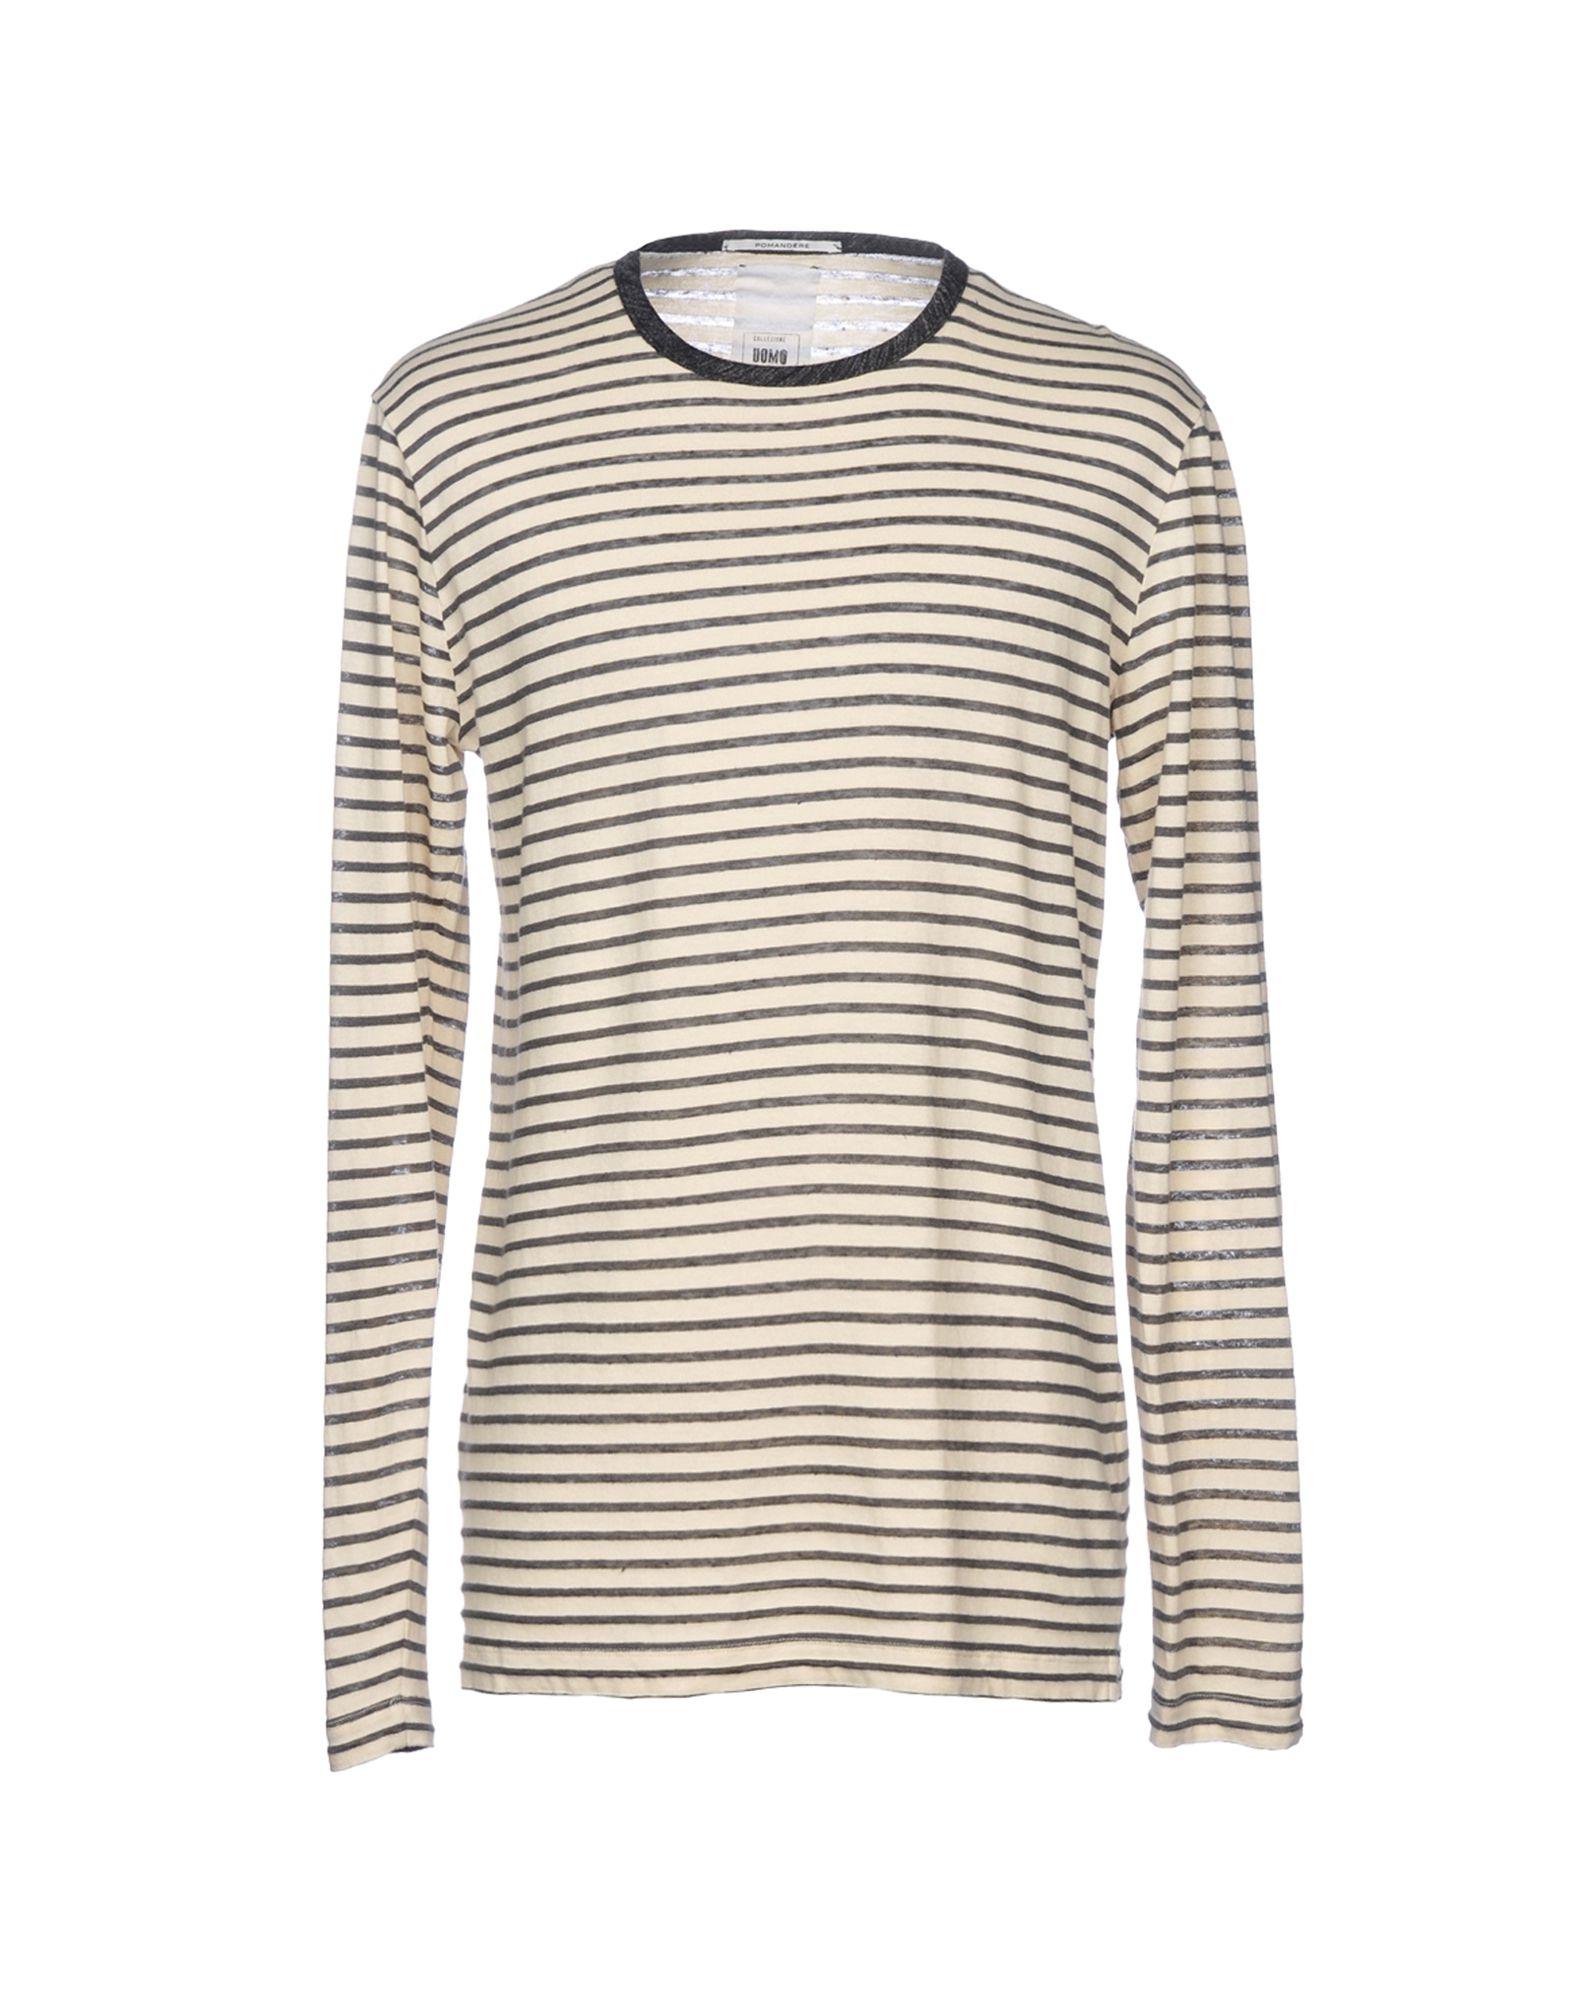 A buon mercato mercato A buon mercato mercato T-Shirt Pomandère Uomo - 12188727WS b5fcd0